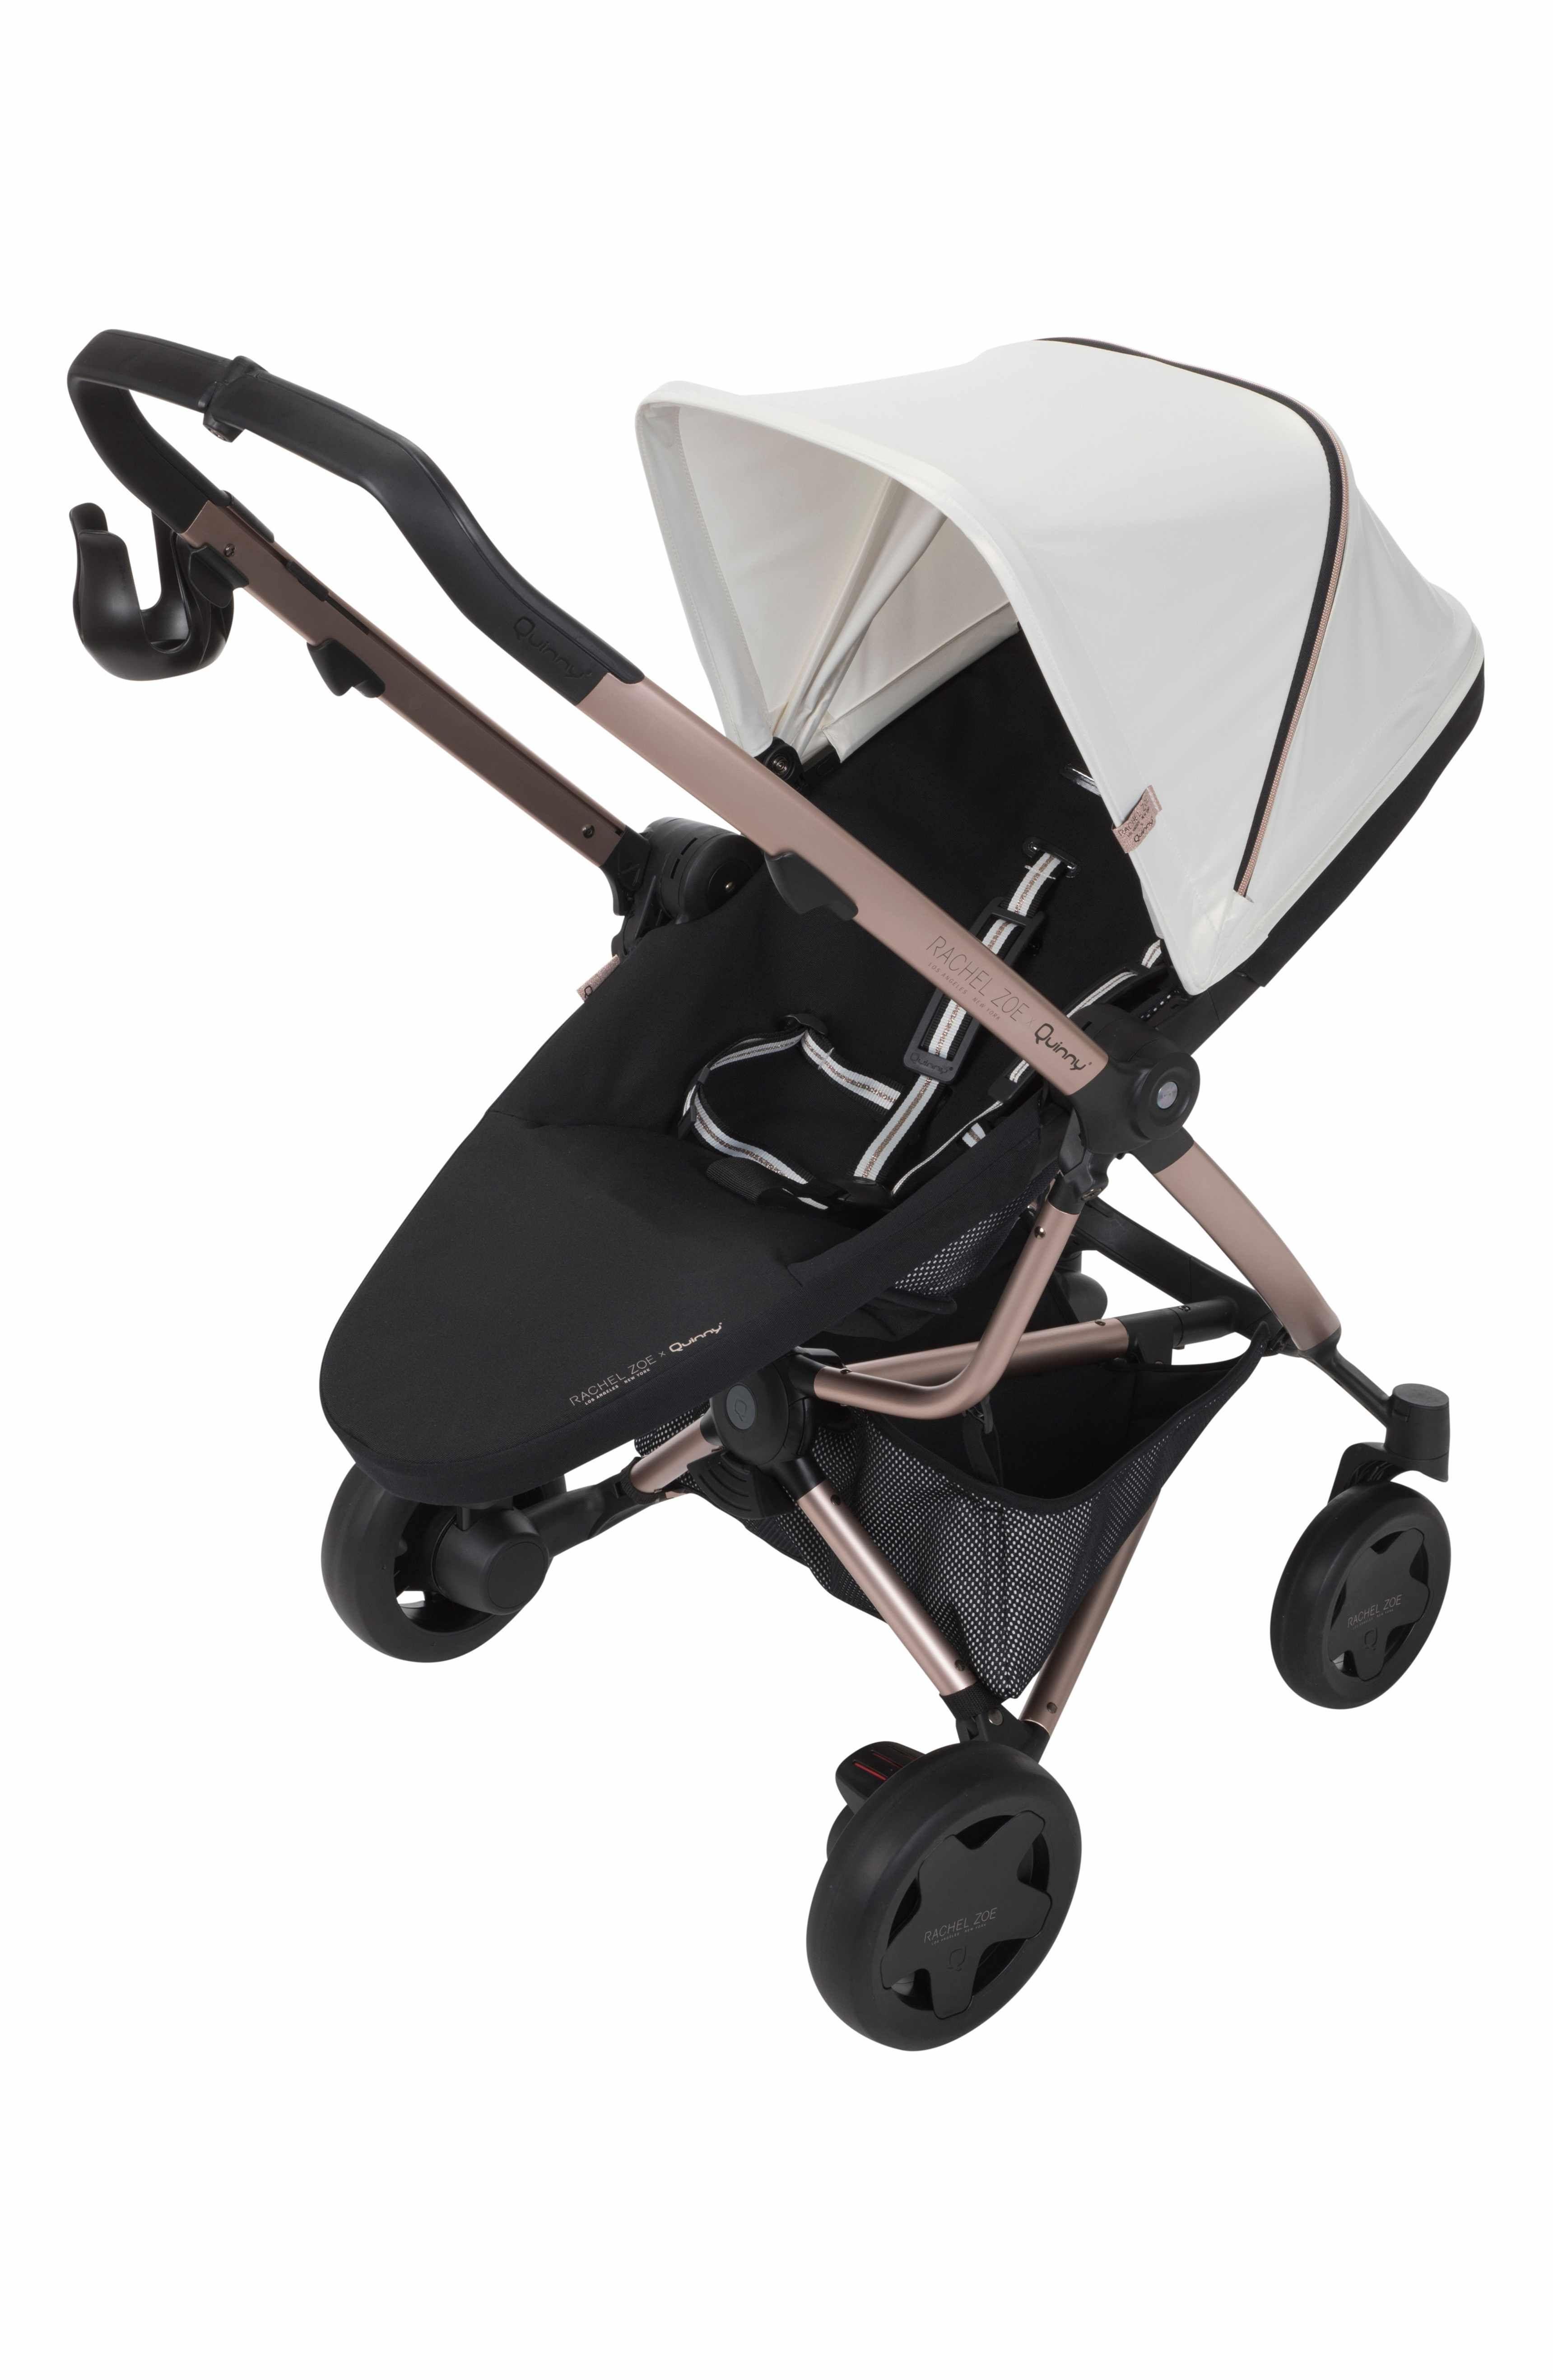 5b3844c11 Main Image - Quinny x Rachel Zoe Zapp Flex Luxe Sport Stroller (Nordstrom  Exclusive)